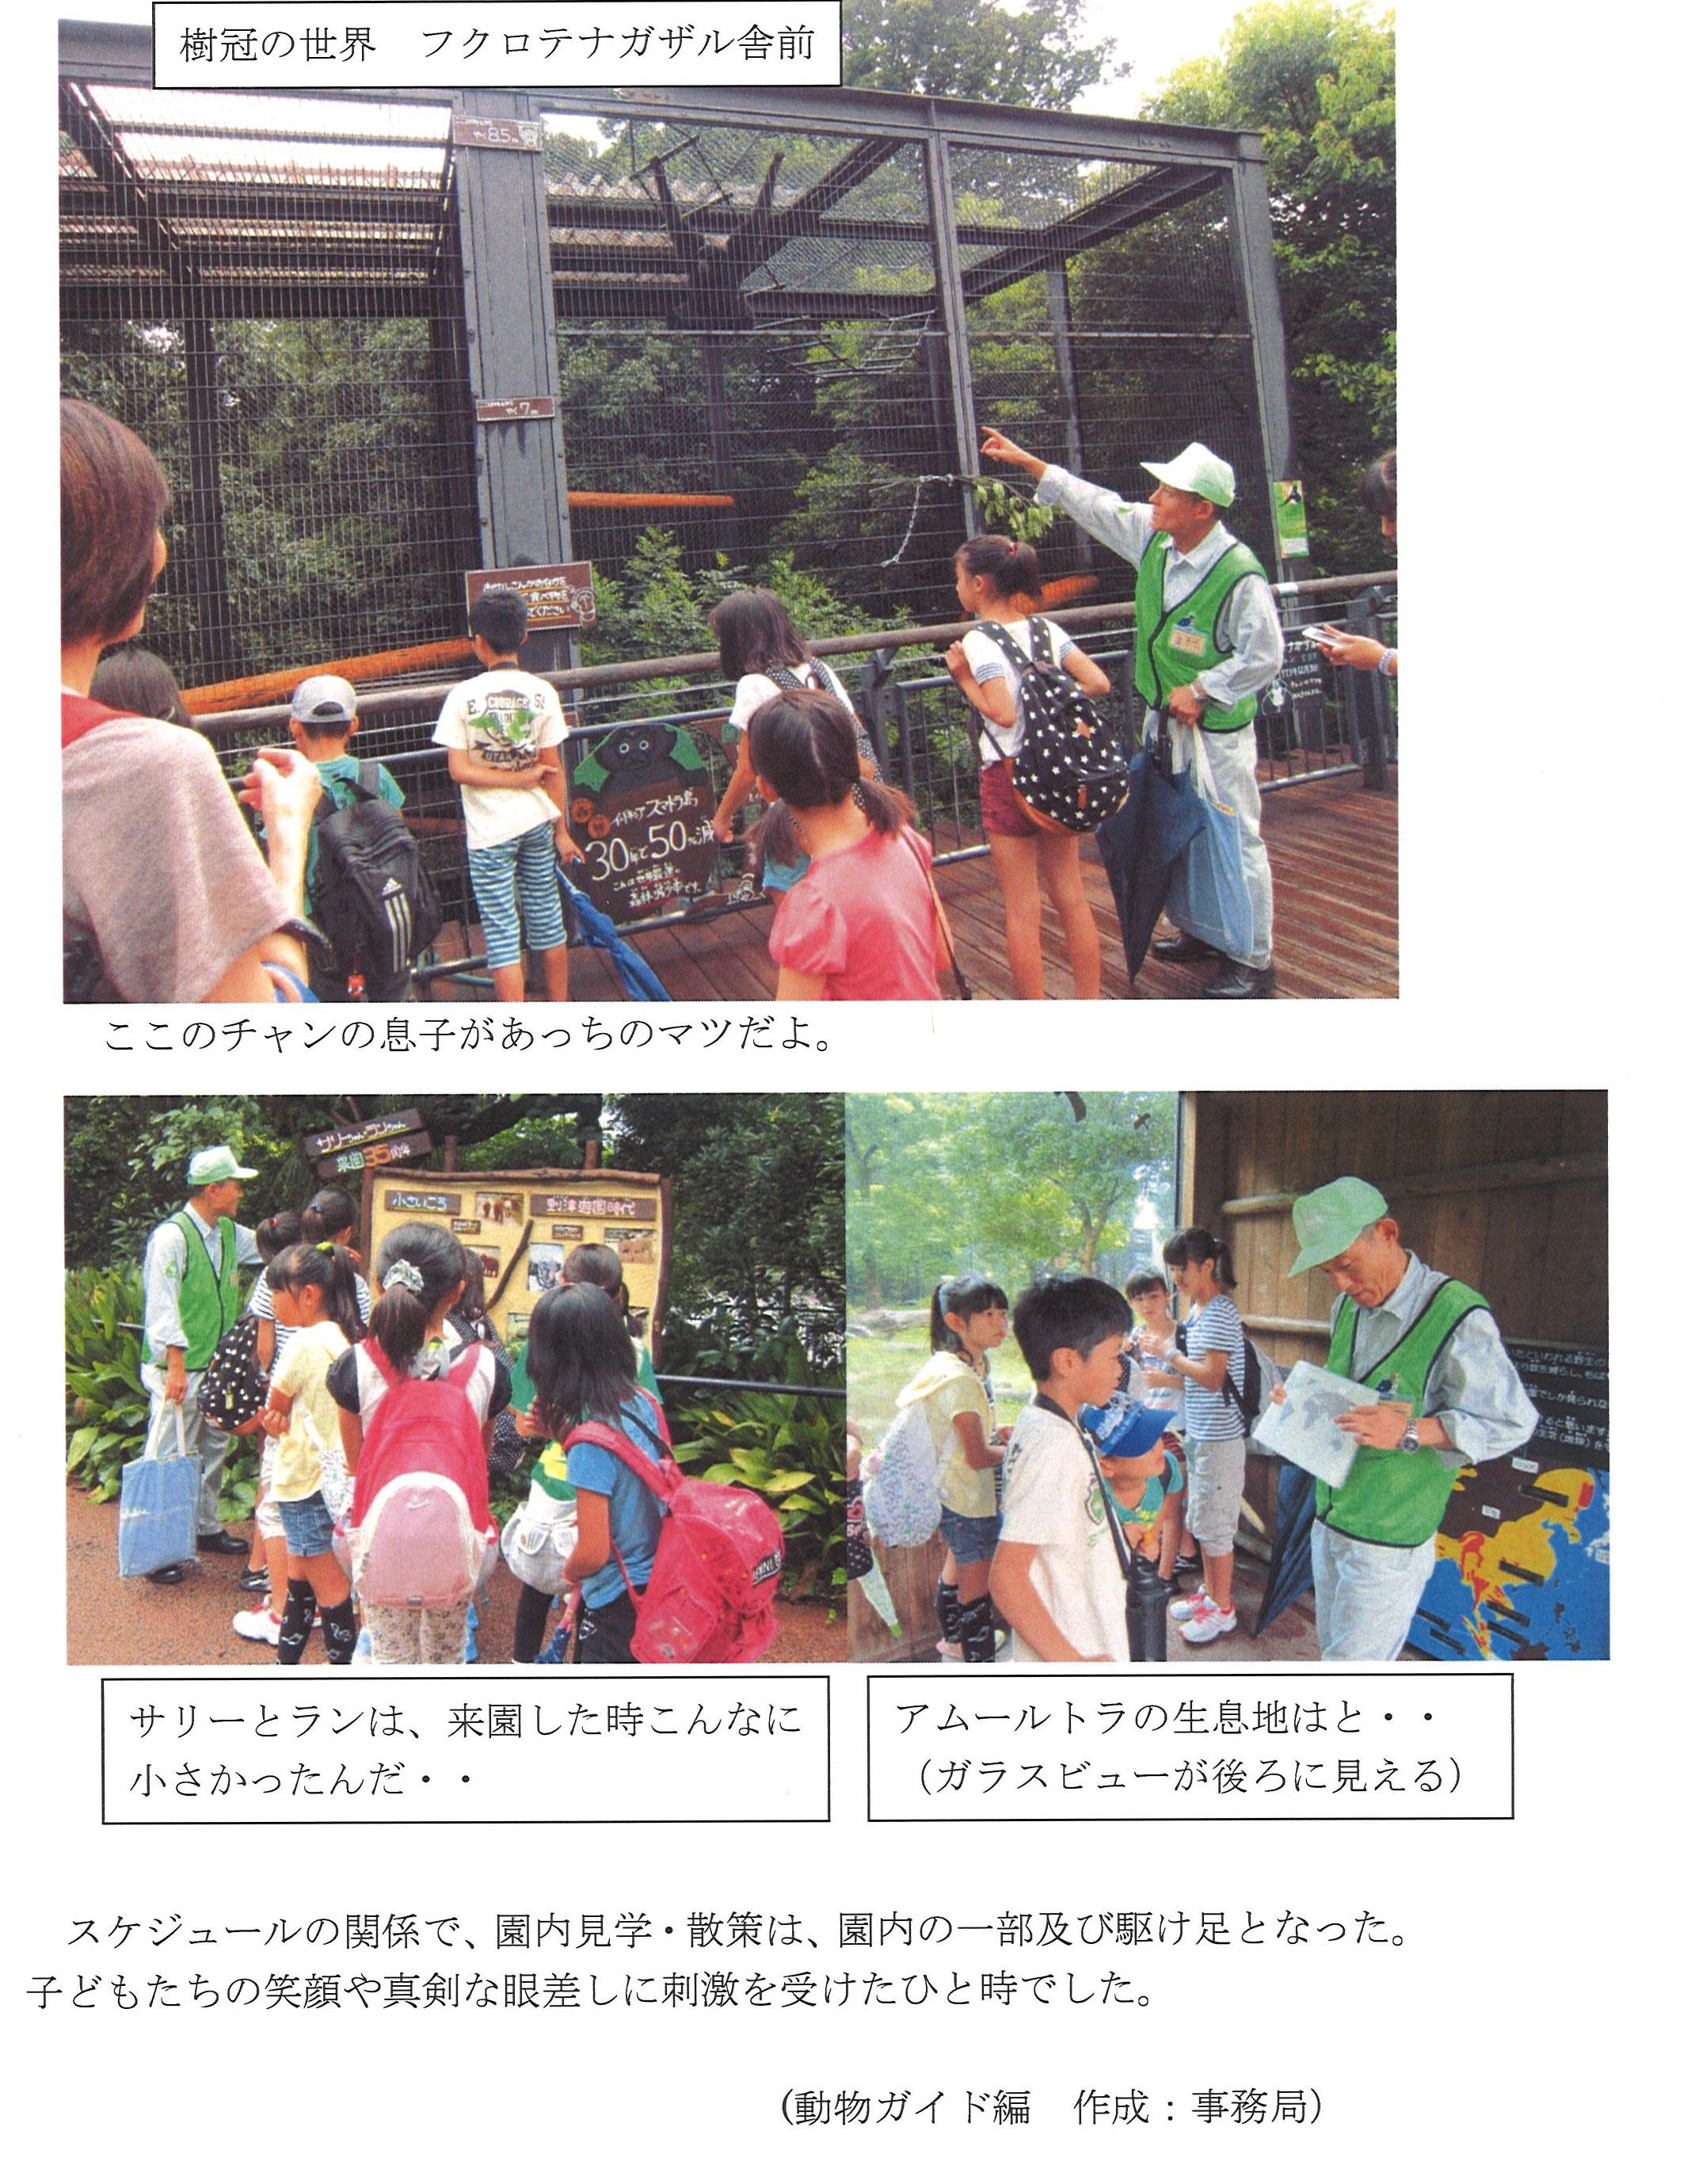 20140910_森の仲間たち_3.jpg